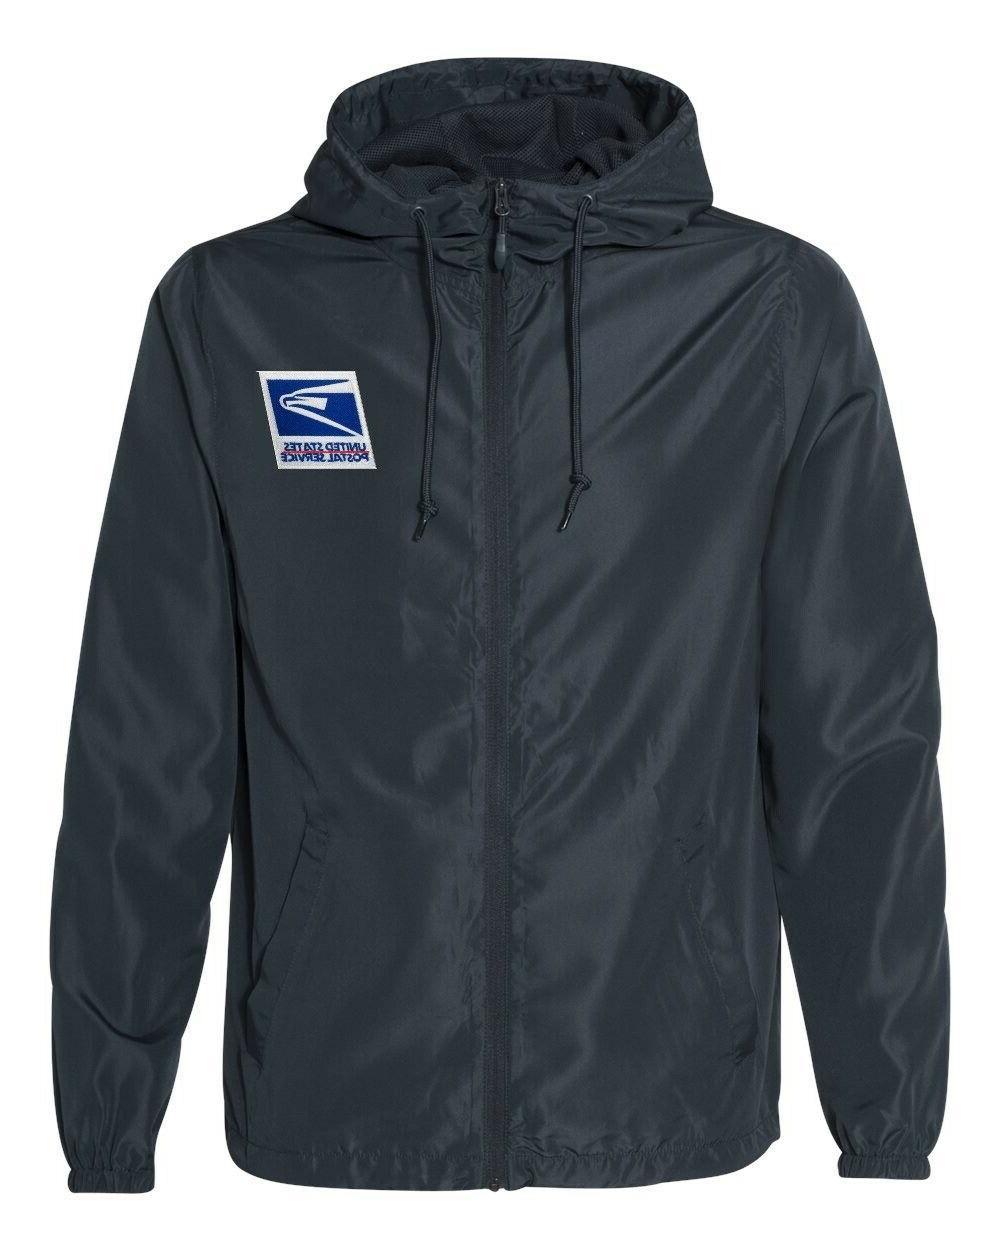 usps postal service rain jacket windbreaker